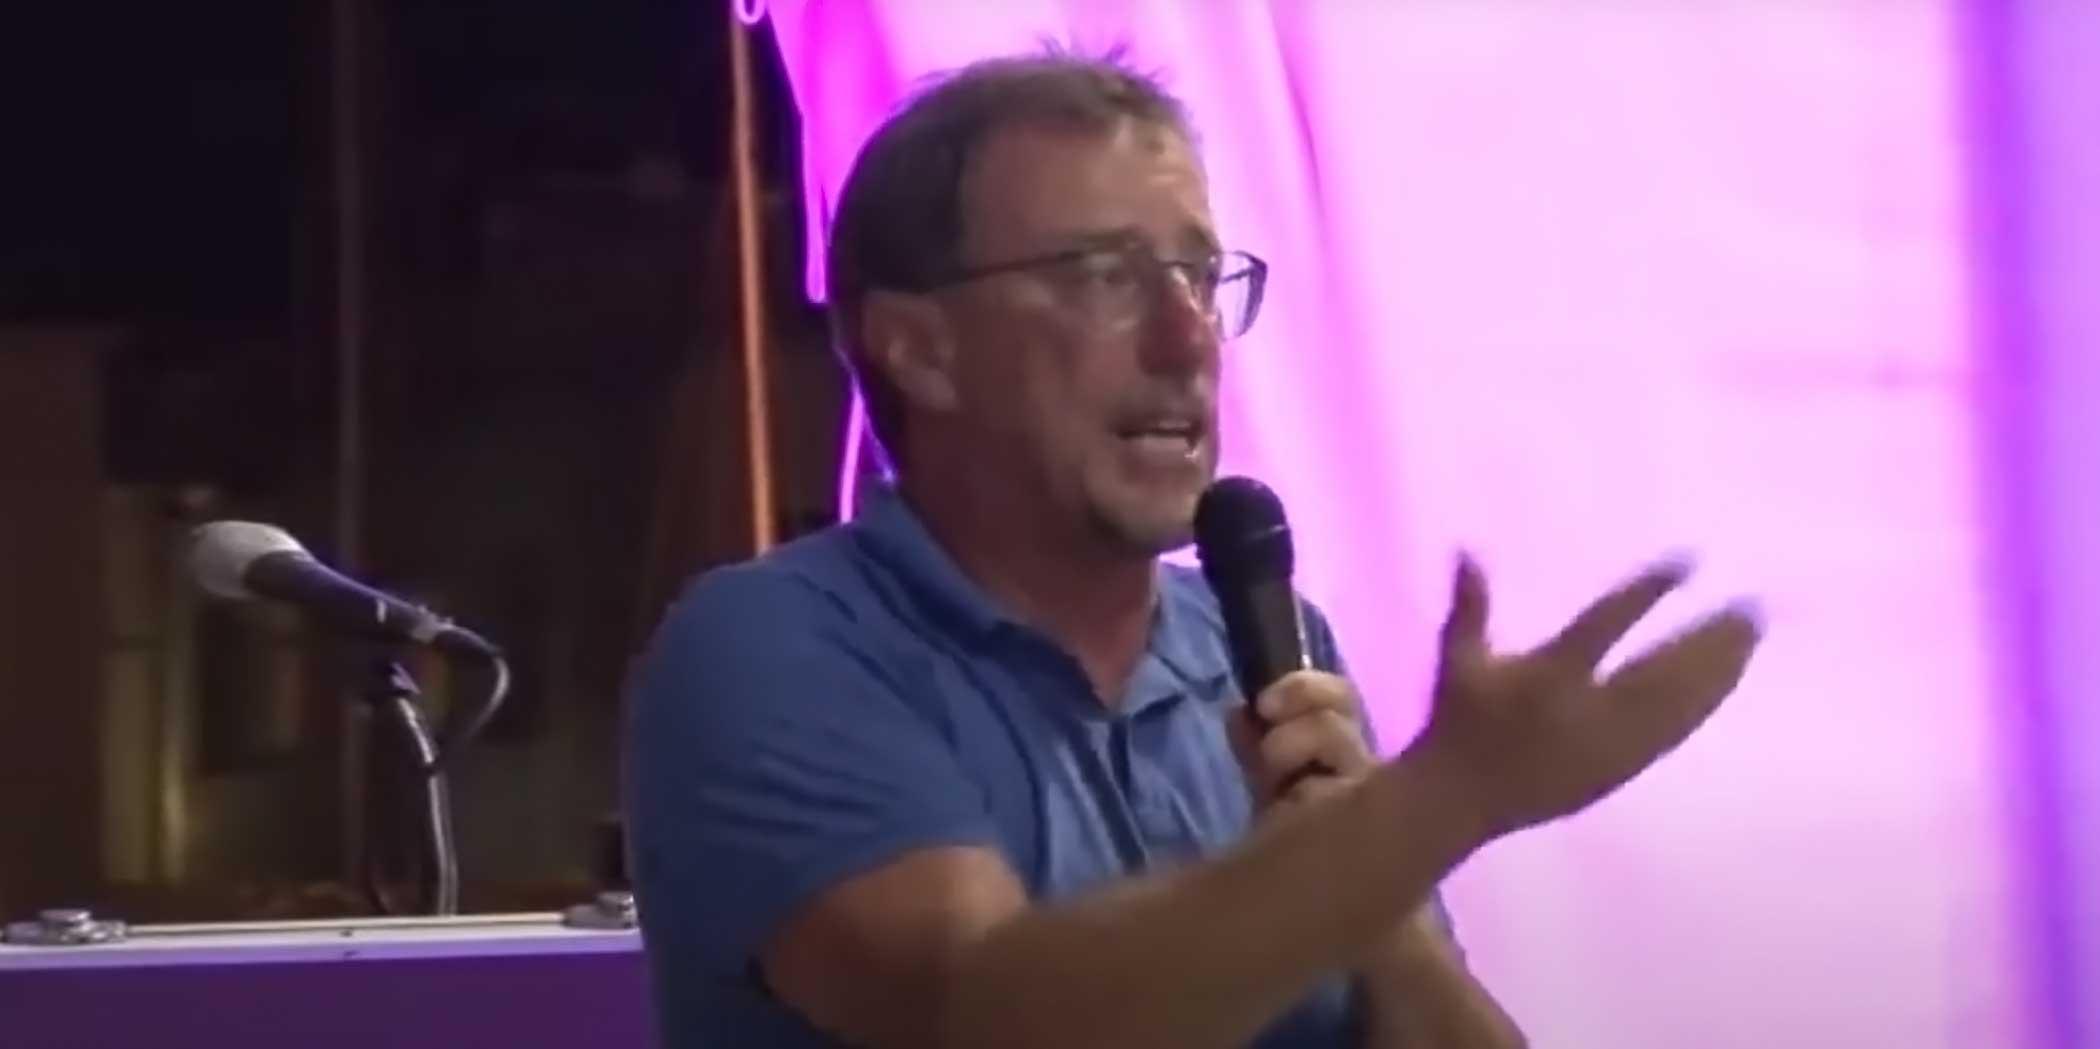 Paolo Polidori infuriato